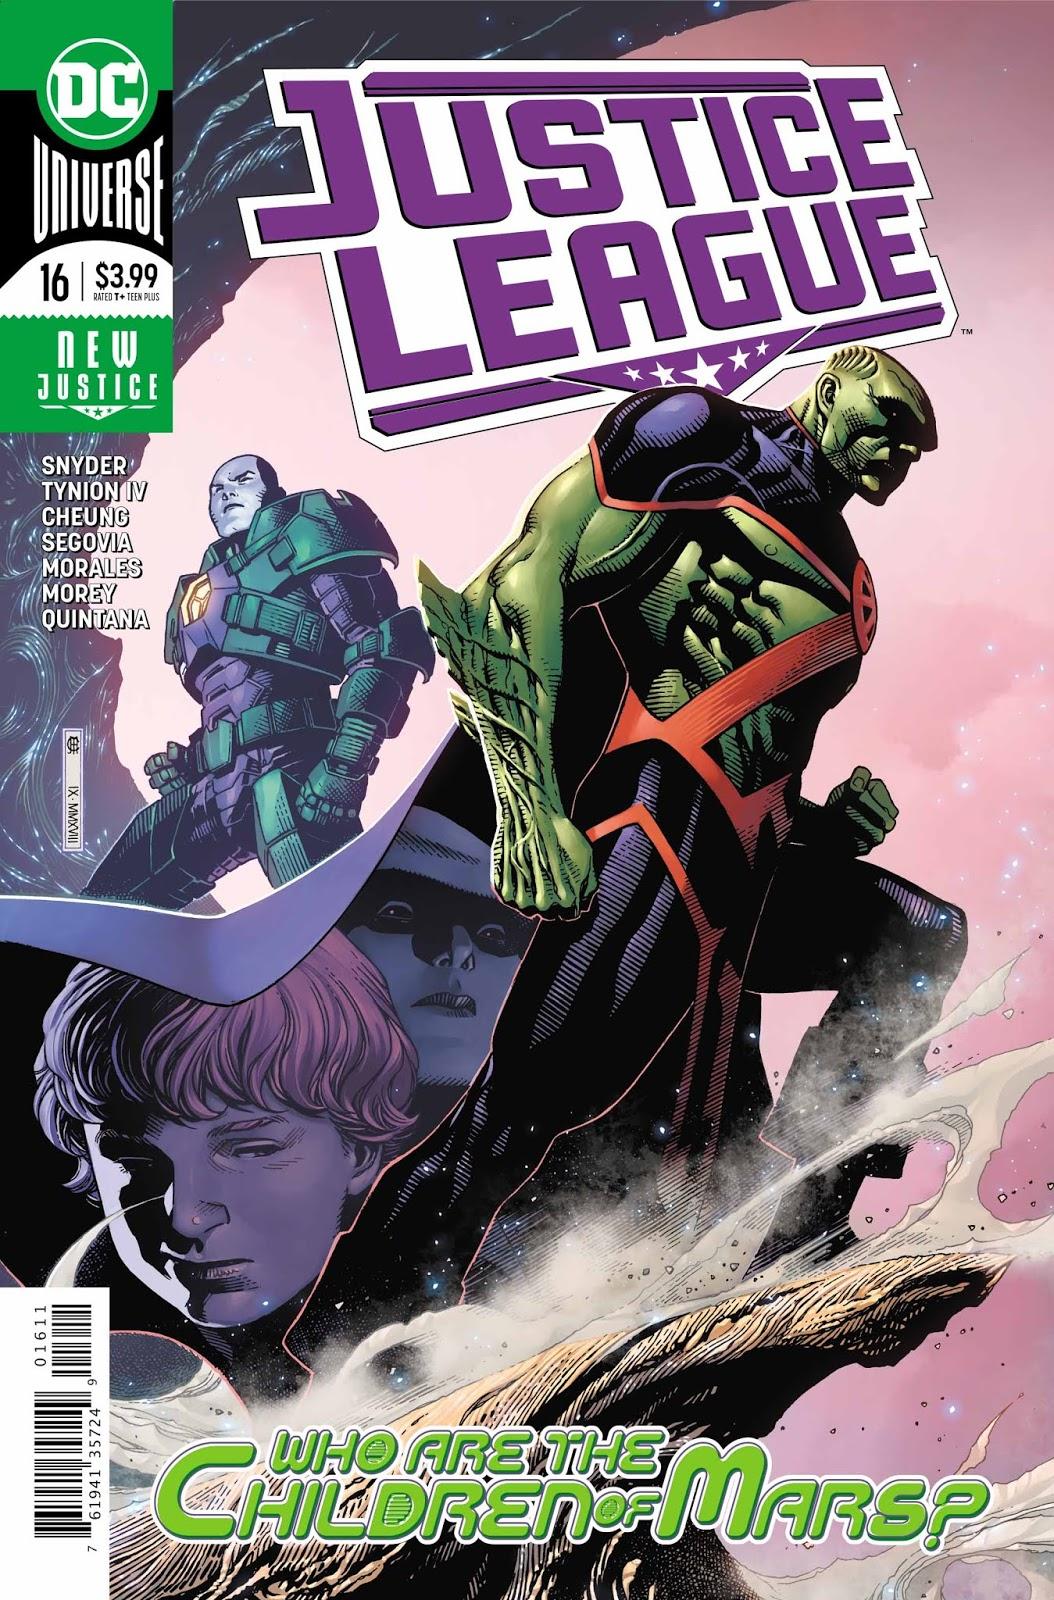 Justice League #16 Review